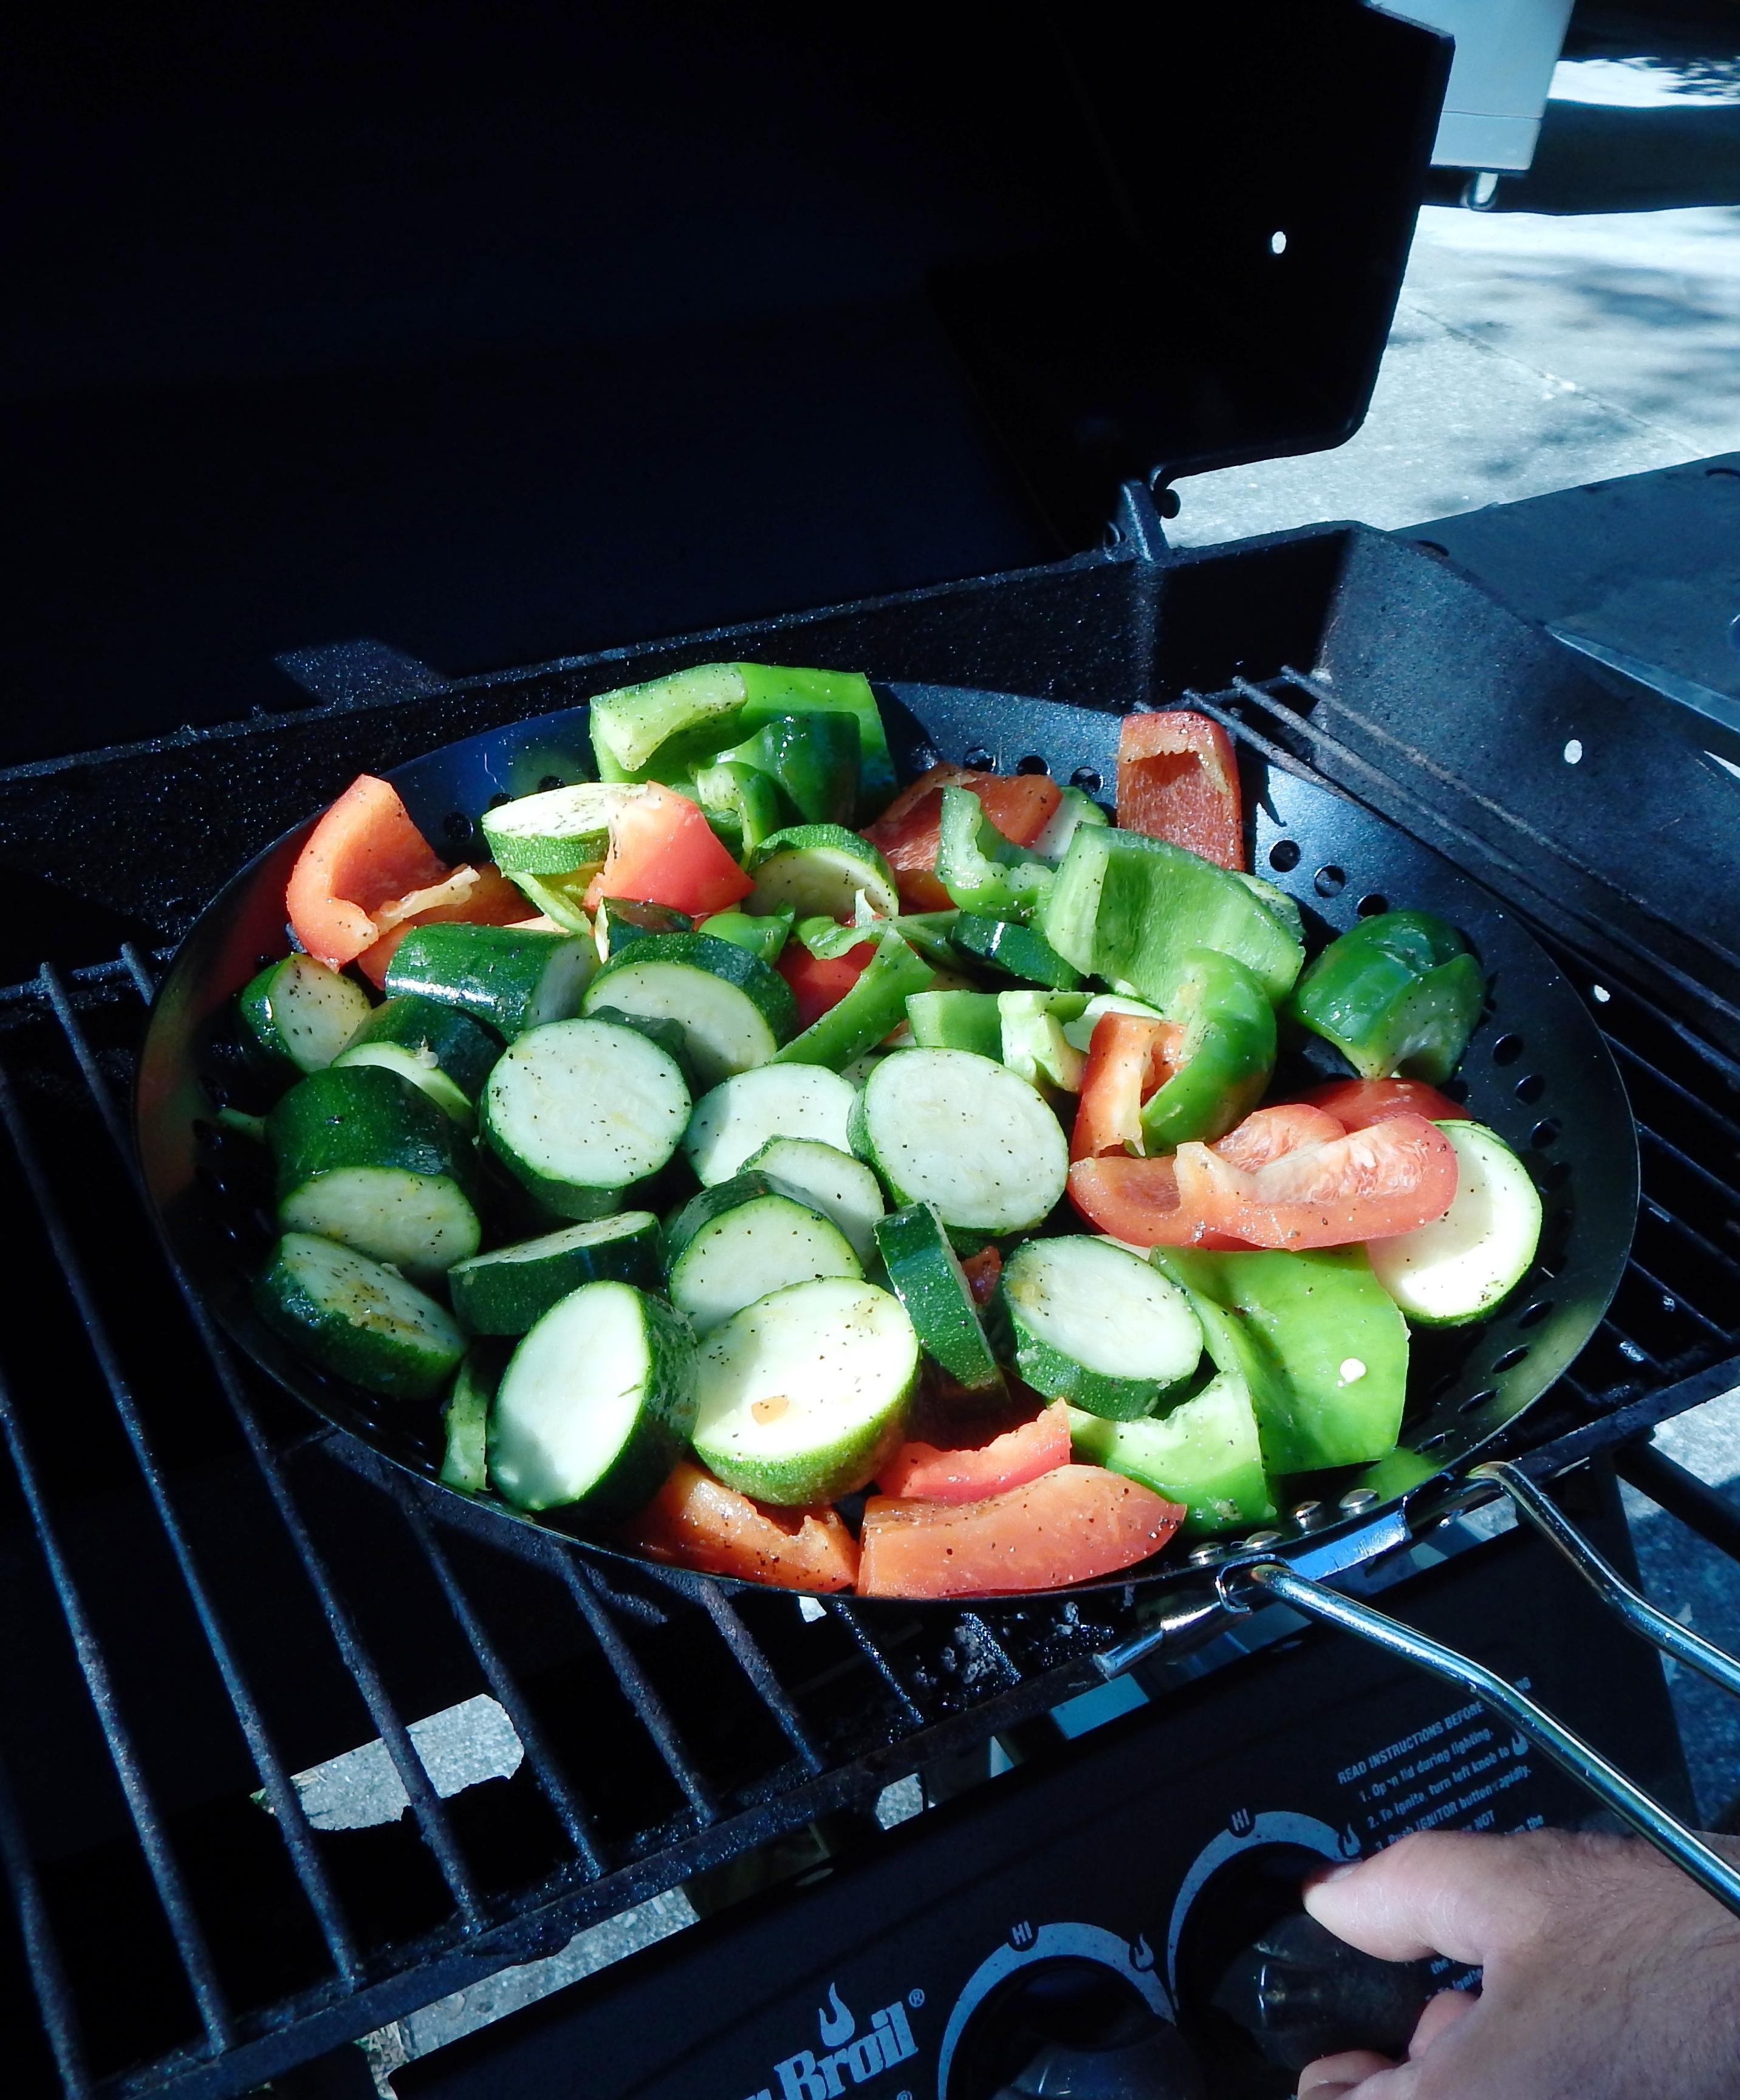 Grilled Vegetable & Shrimp Toss